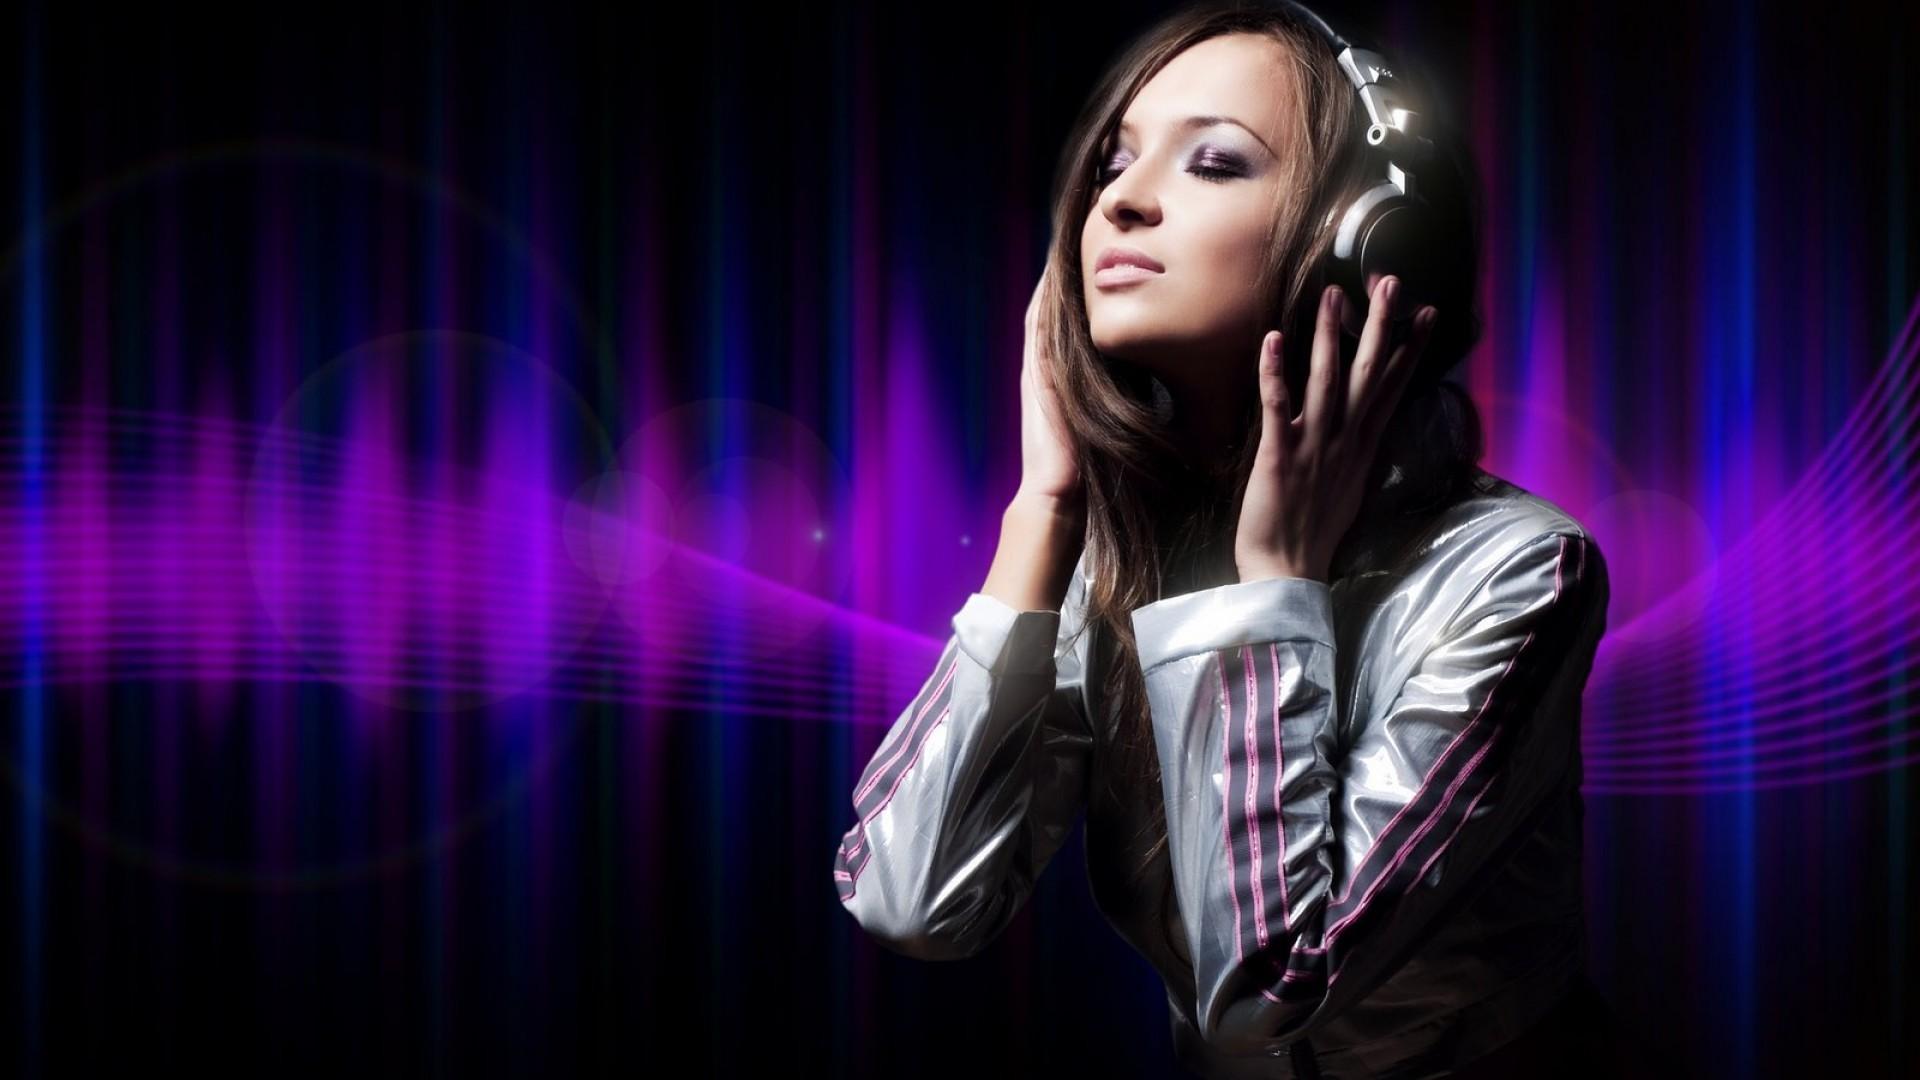 听音乐的时尚耳机美女高清宽屏壁纸图片12